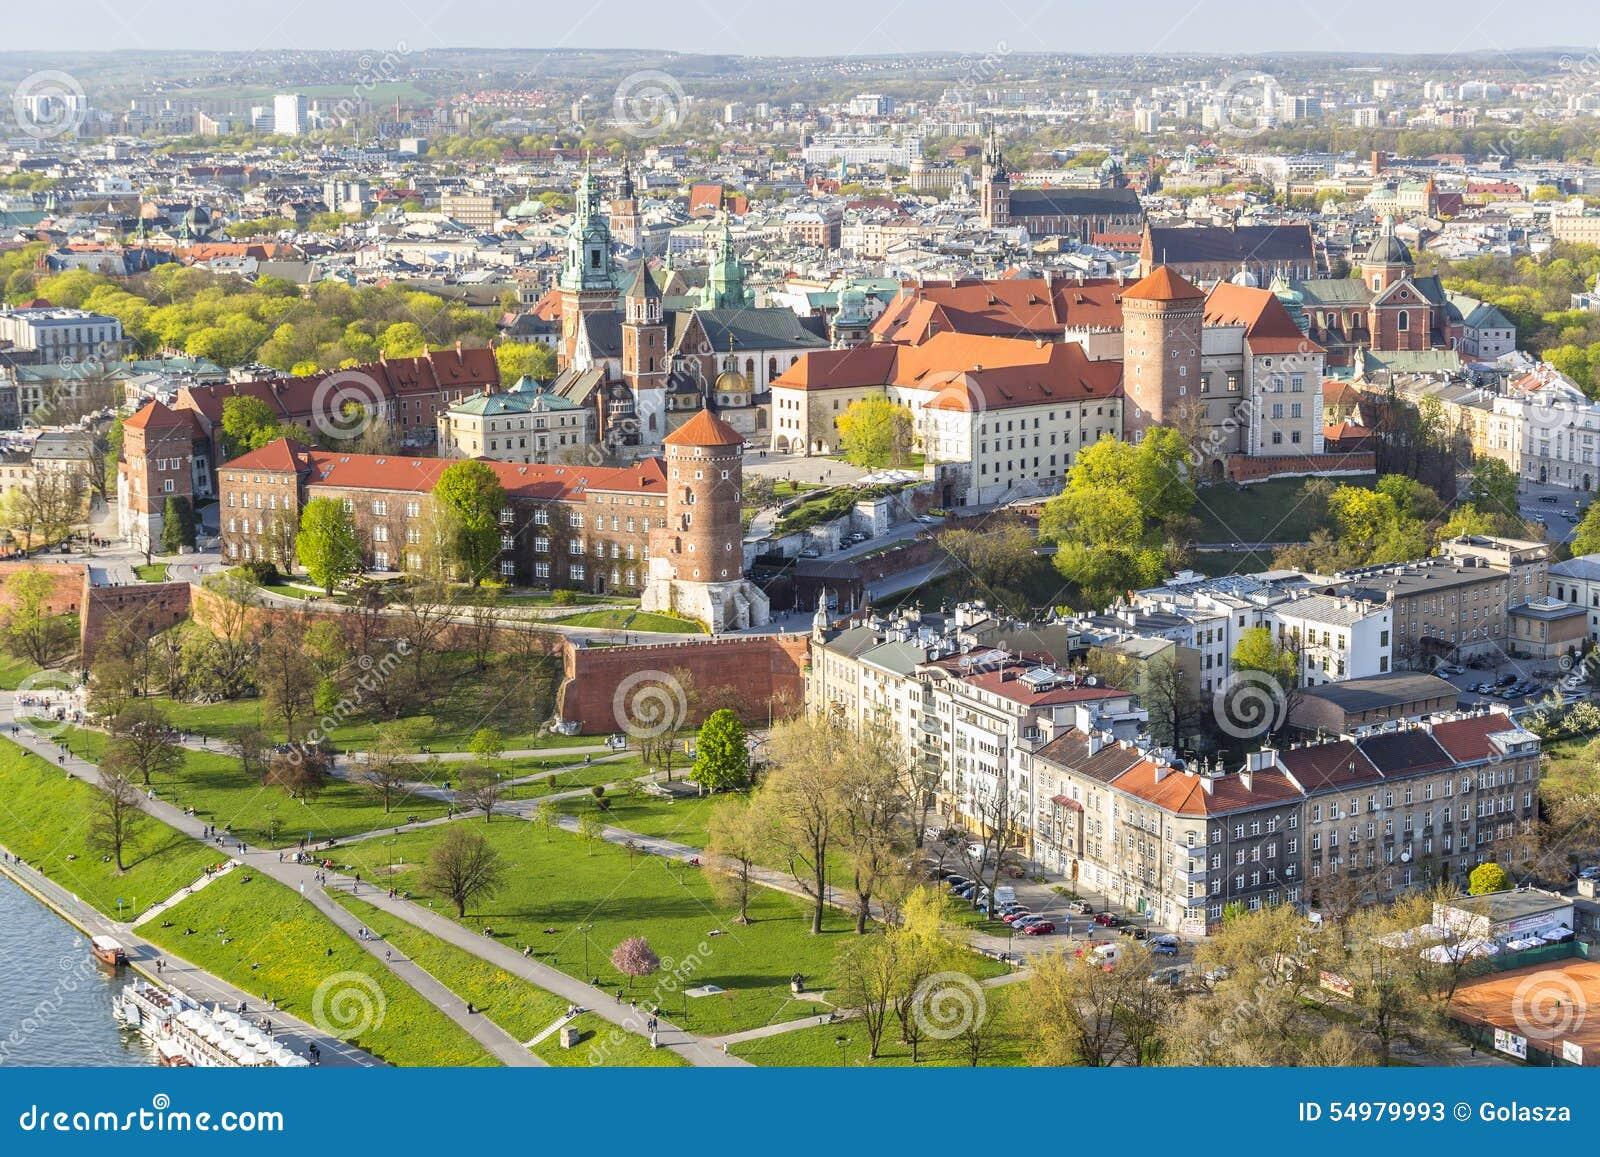 Πανόραμα της όμορφης Κρακοβίας, πρώην πρωτεύουσα της Πολωνίας, ΕΥΡ